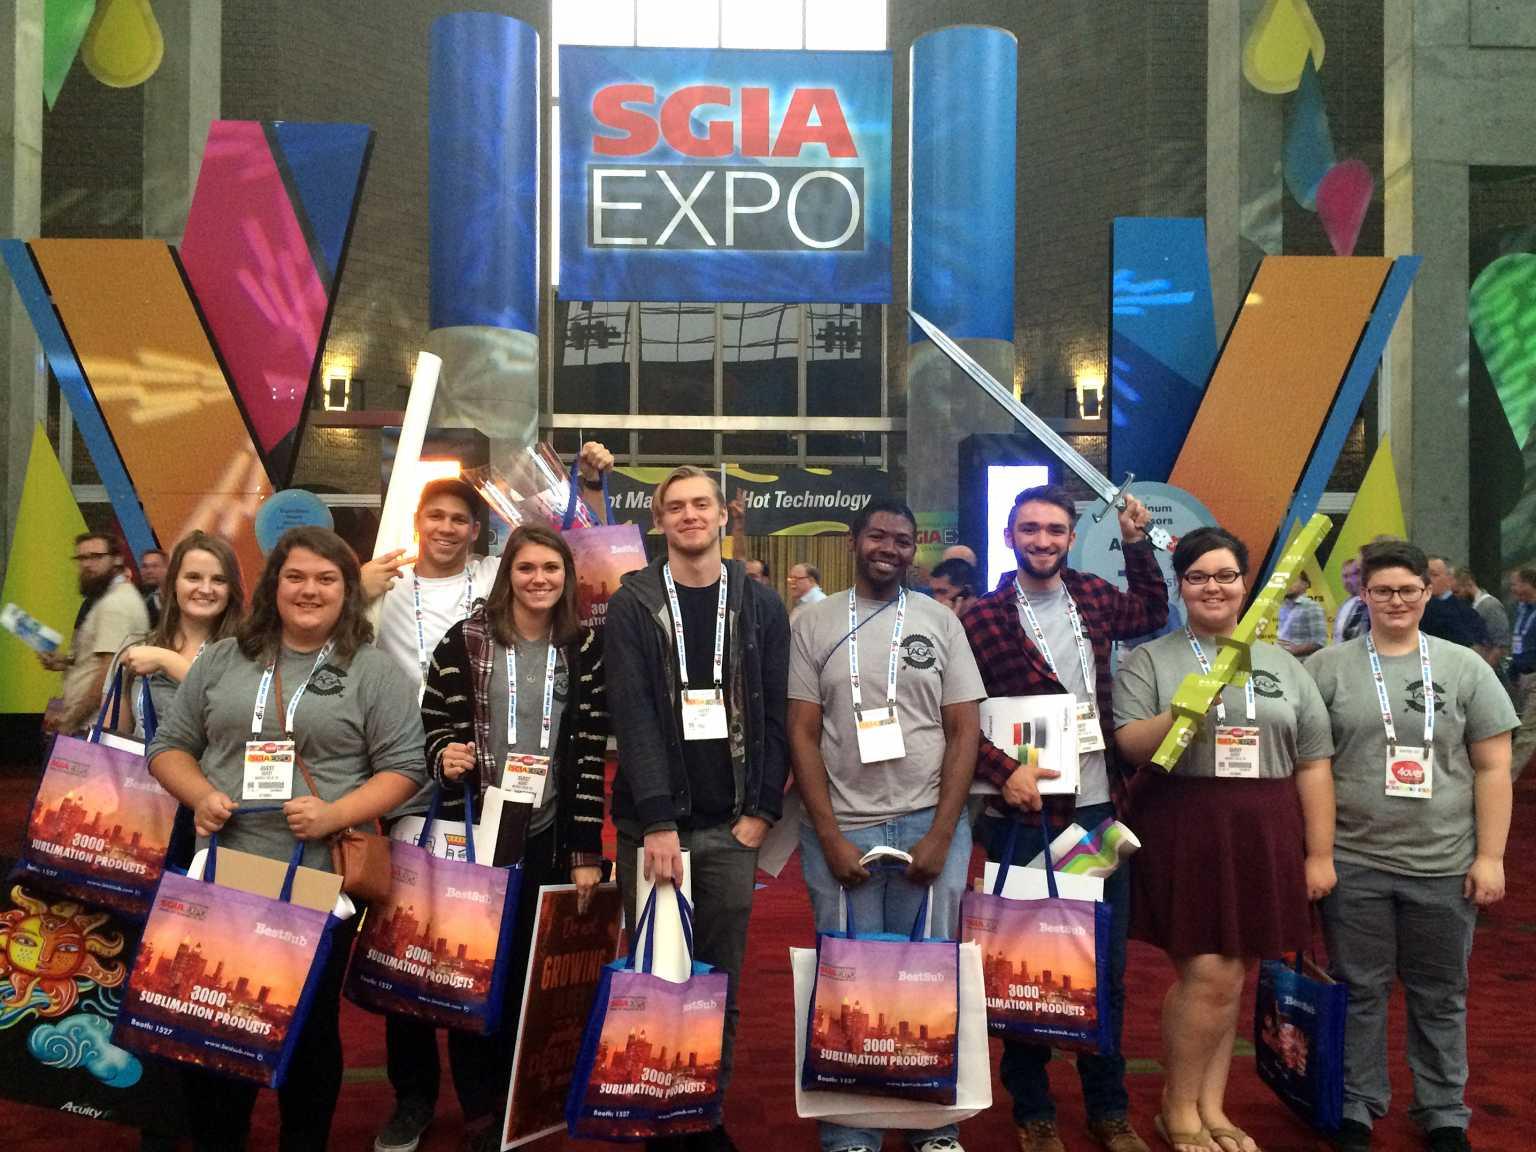 Students at SGIA Expo 2015